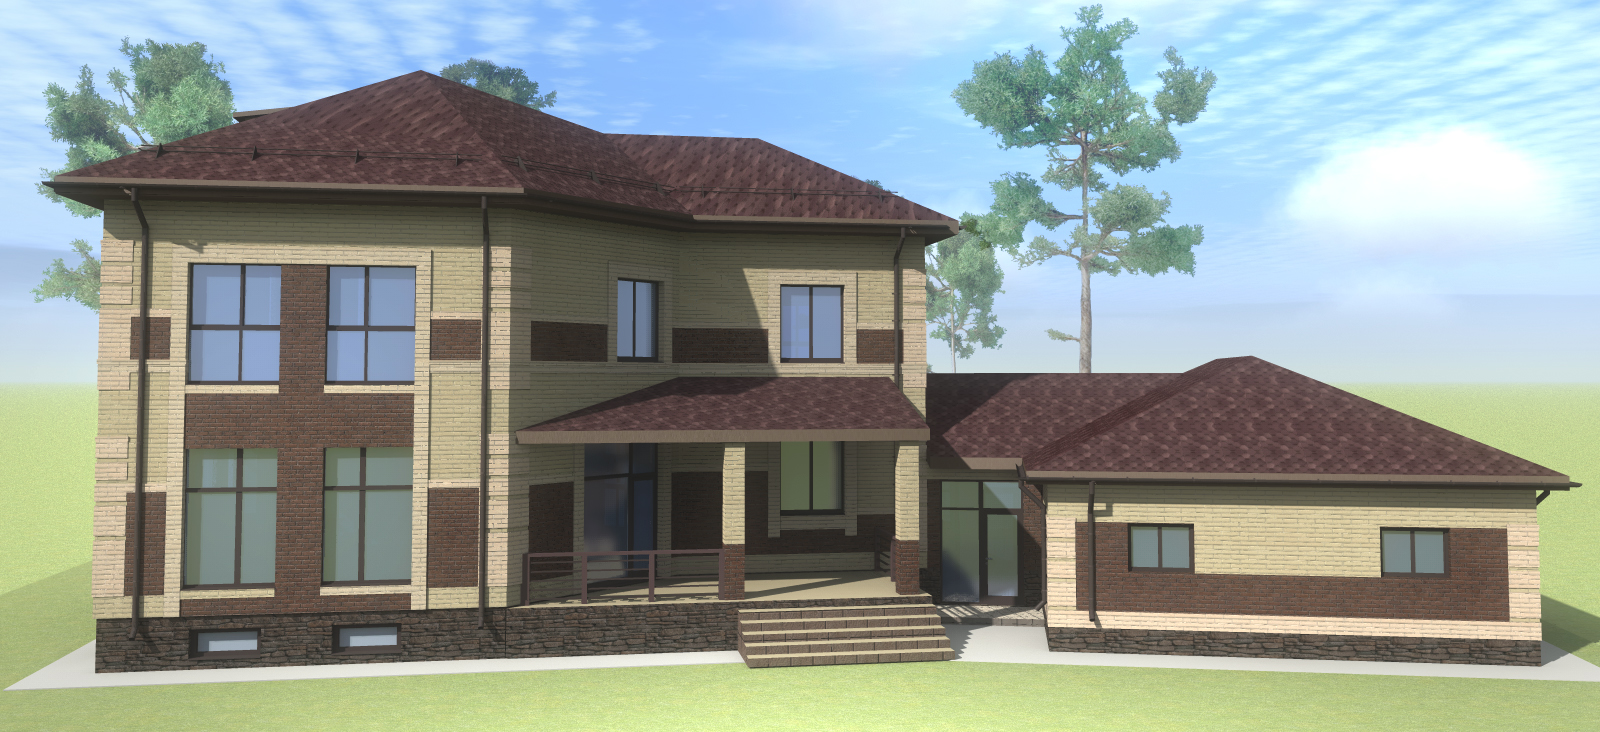 Двухэтажный жилой дом c верандой